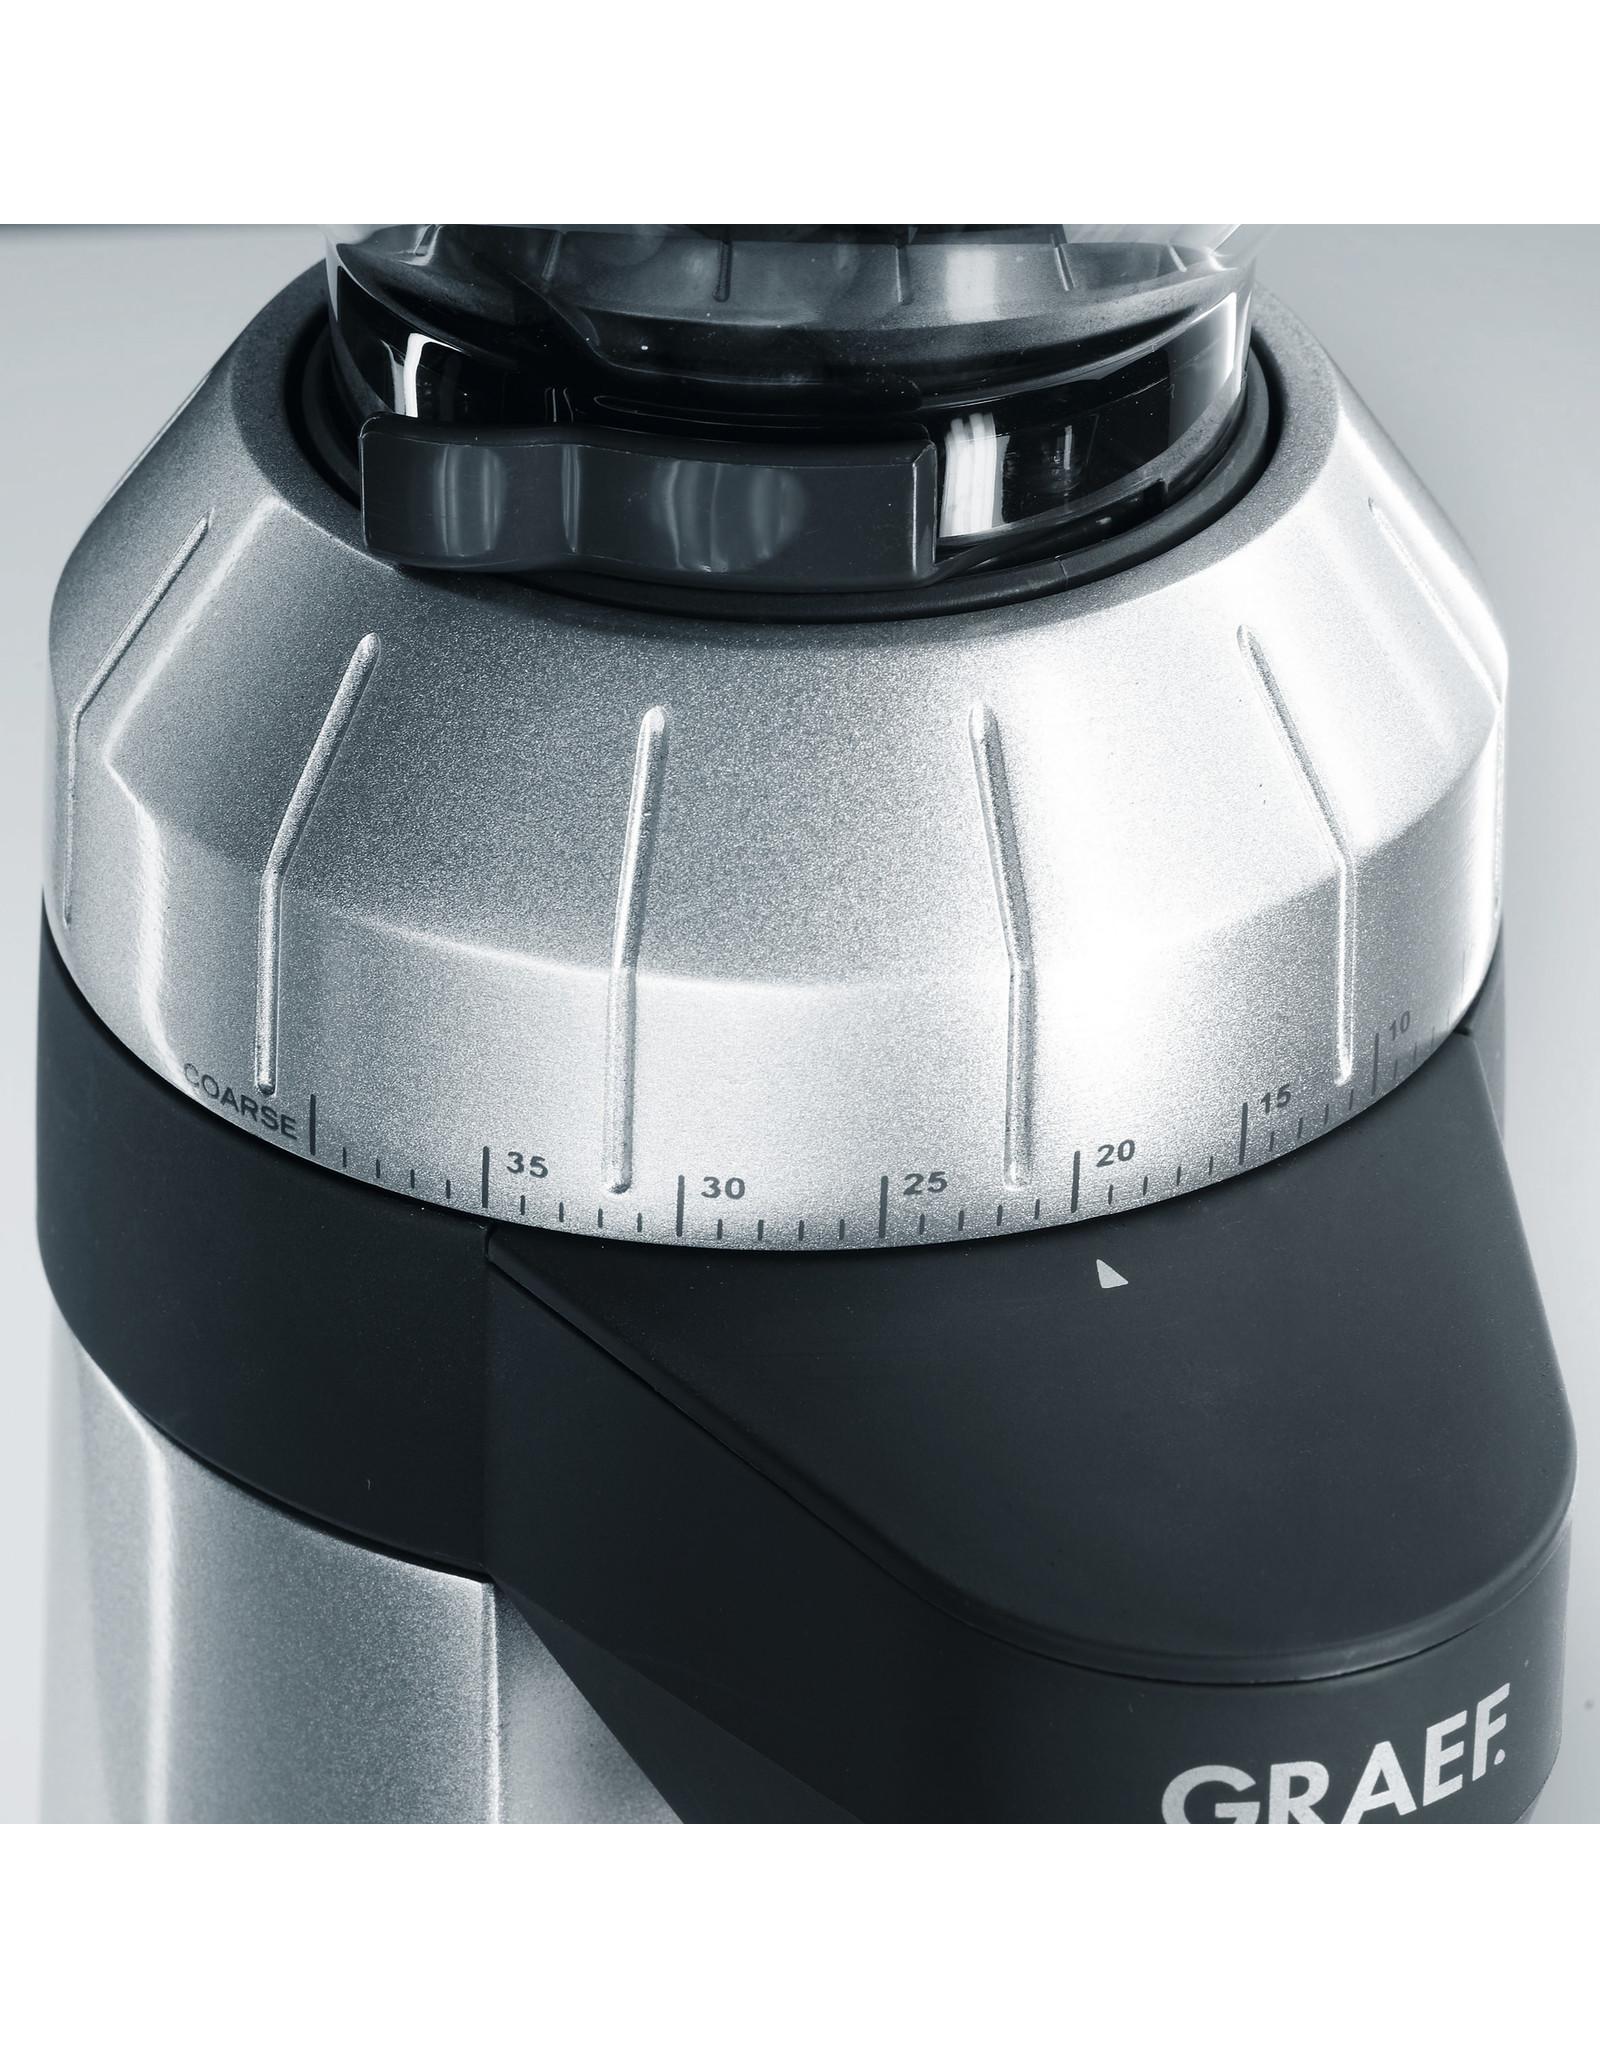 GRAEF GRAEF CM800 KOFFIEMOLEN 458001